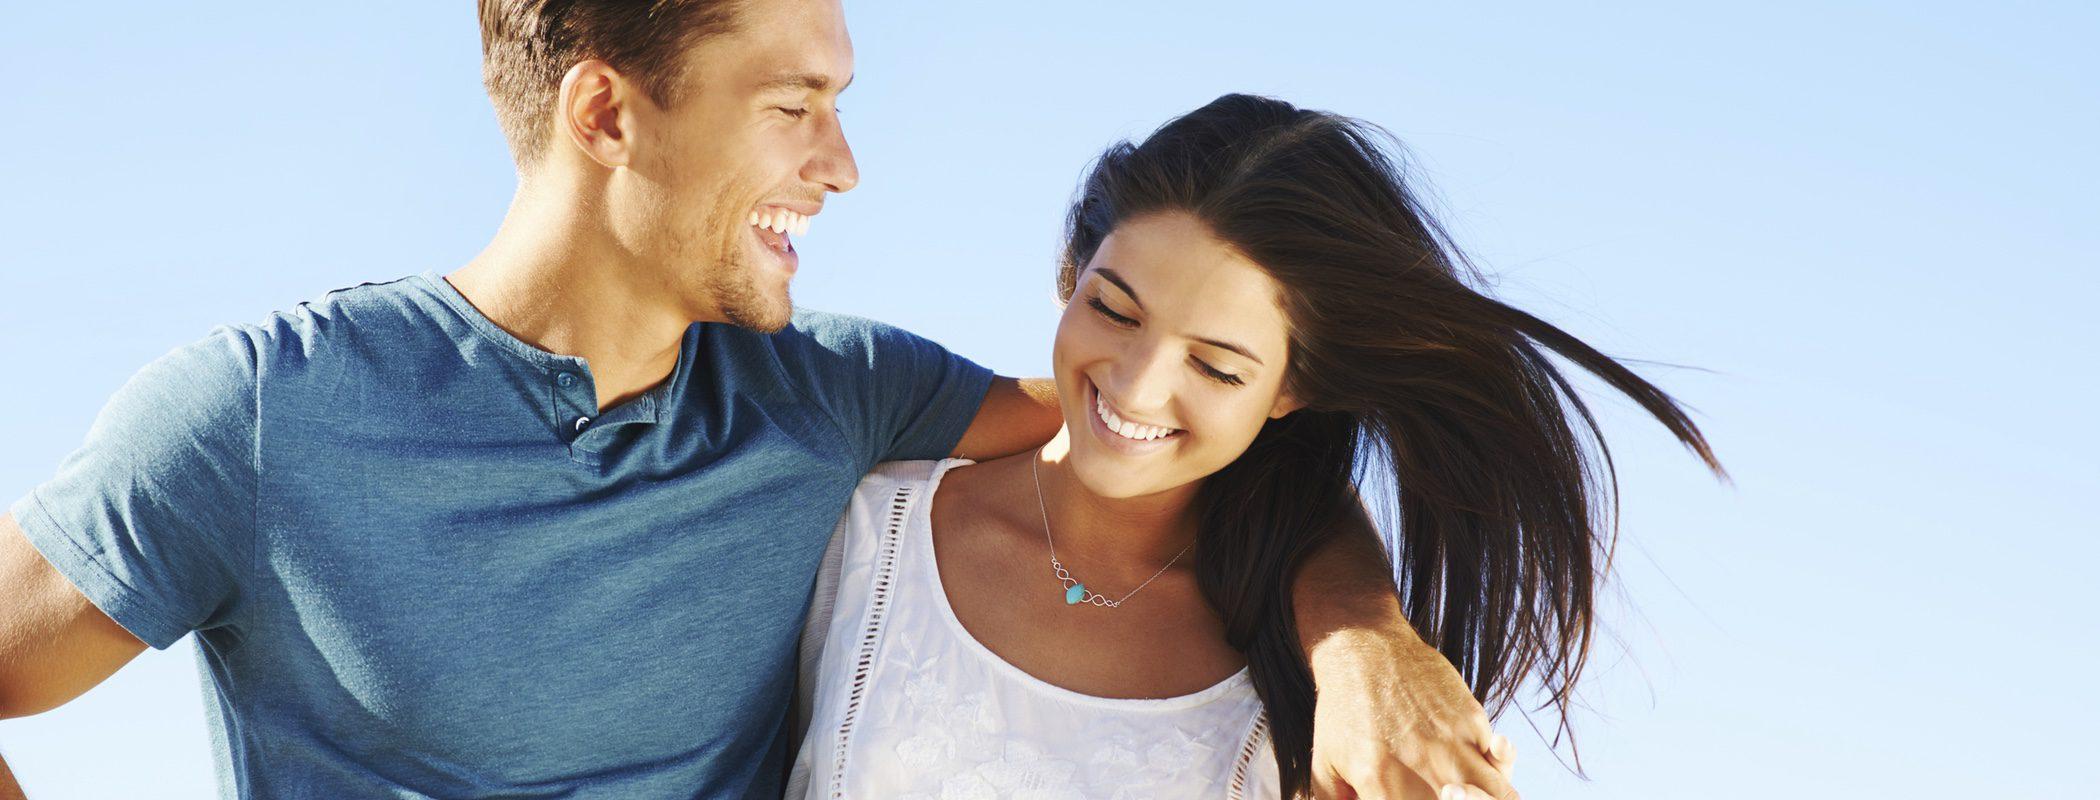 Un Beso Incluso Hacer El Amor Solamente Cuando A Tu Pareja Le Viene Enganas 2296